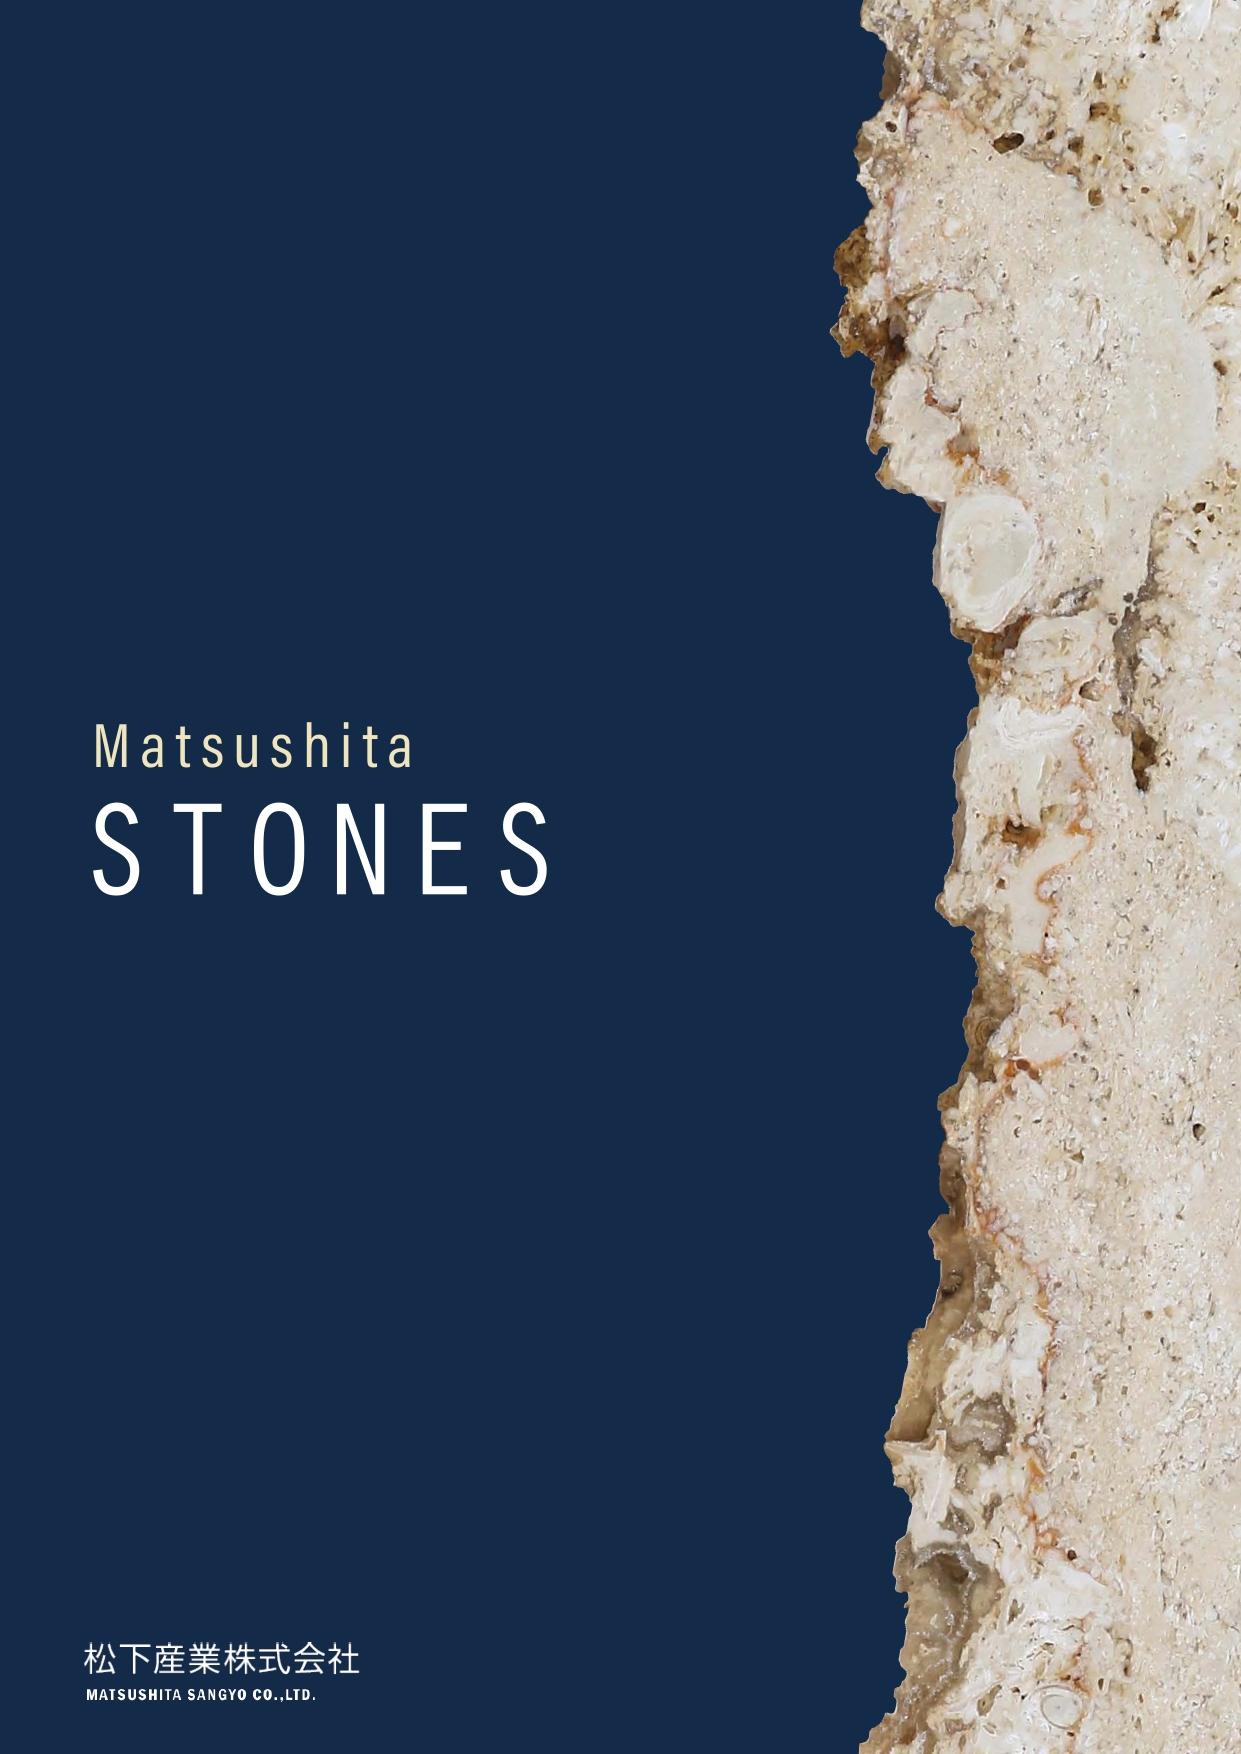 Matsushita STONES